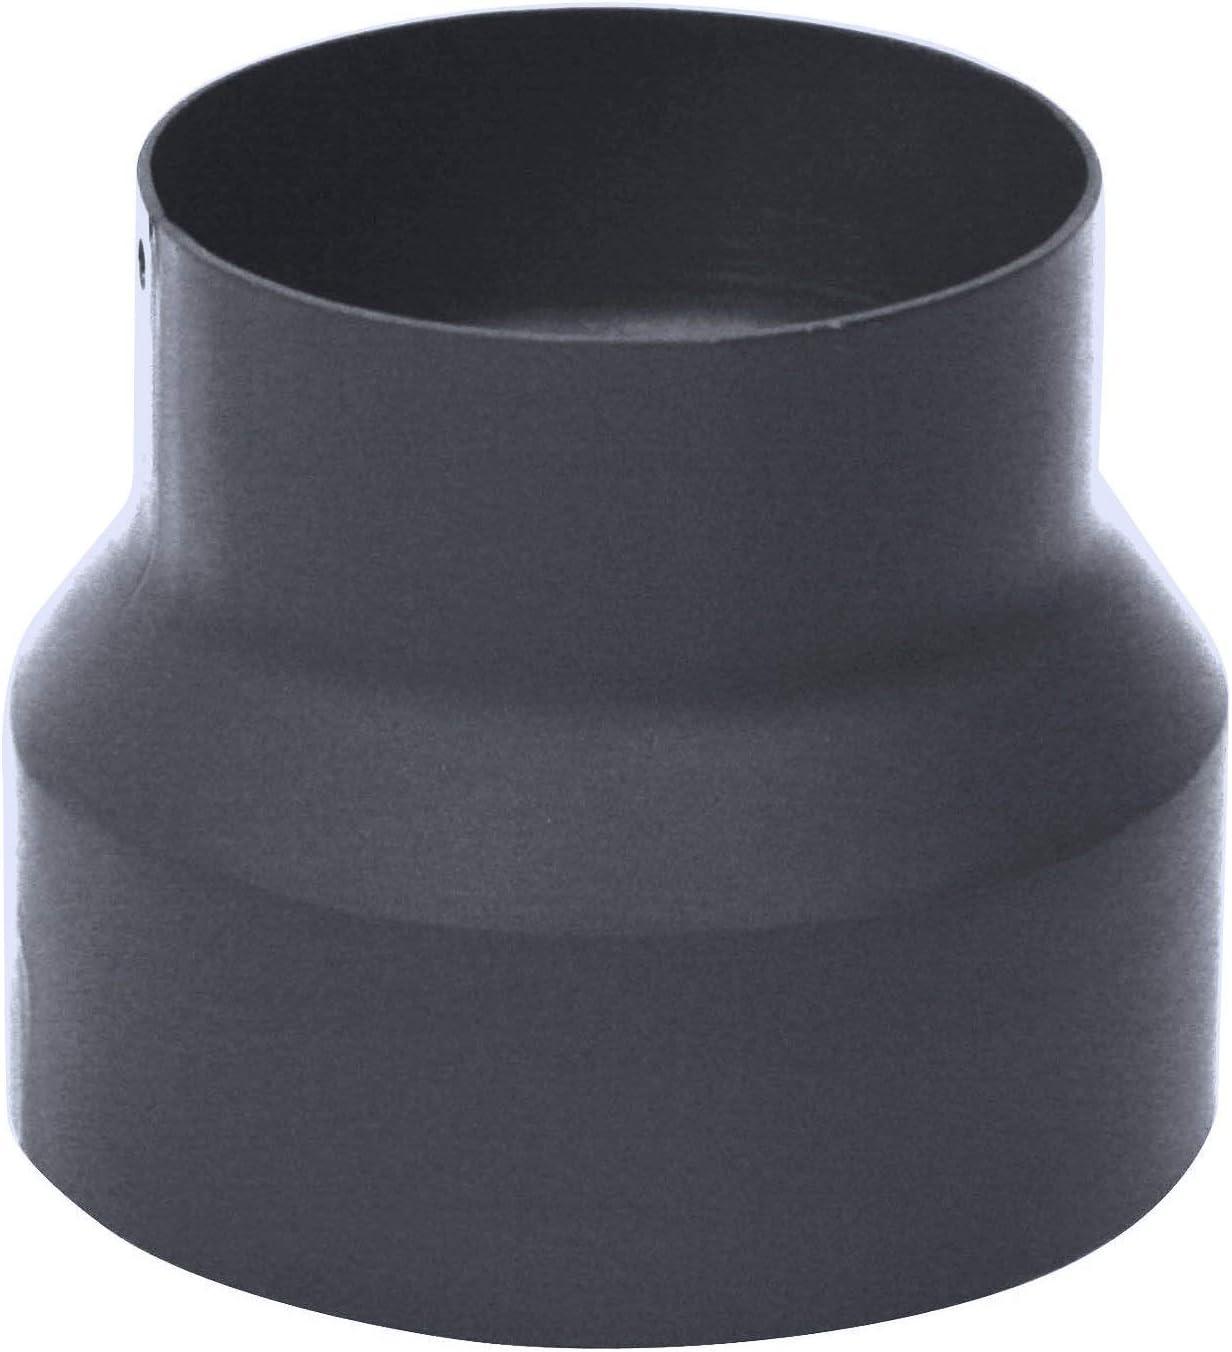 Kamino–Flam – Adaptador de reducción para tubo de chimenea Acero Tubo reducción estufa, Reductor tubo escape, Chimenea reducción, Antracita, Ø 150-120 mm